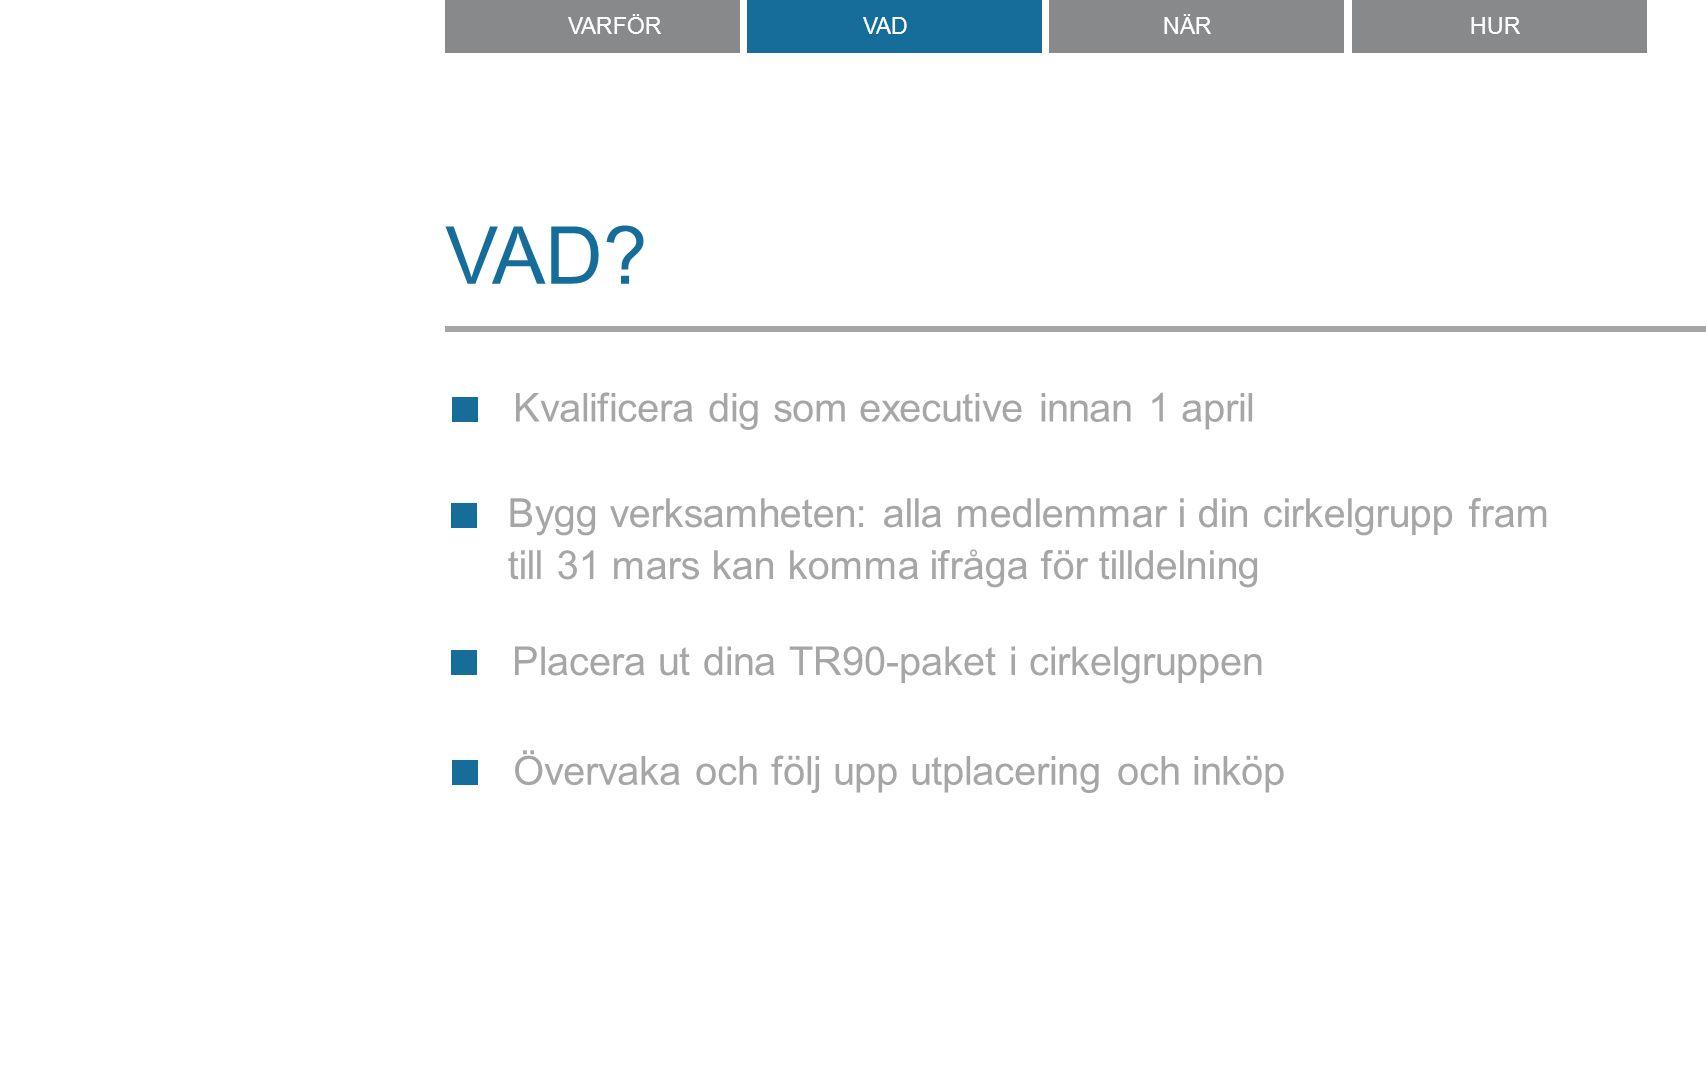 VAD? Kvalificera dig som executive innan 1 april Placera ut dina TR90-paket i cirkelgruppen VARFÖRVADNÄRNÄRHUR Bygg verksamheten: alla medlemmar i din